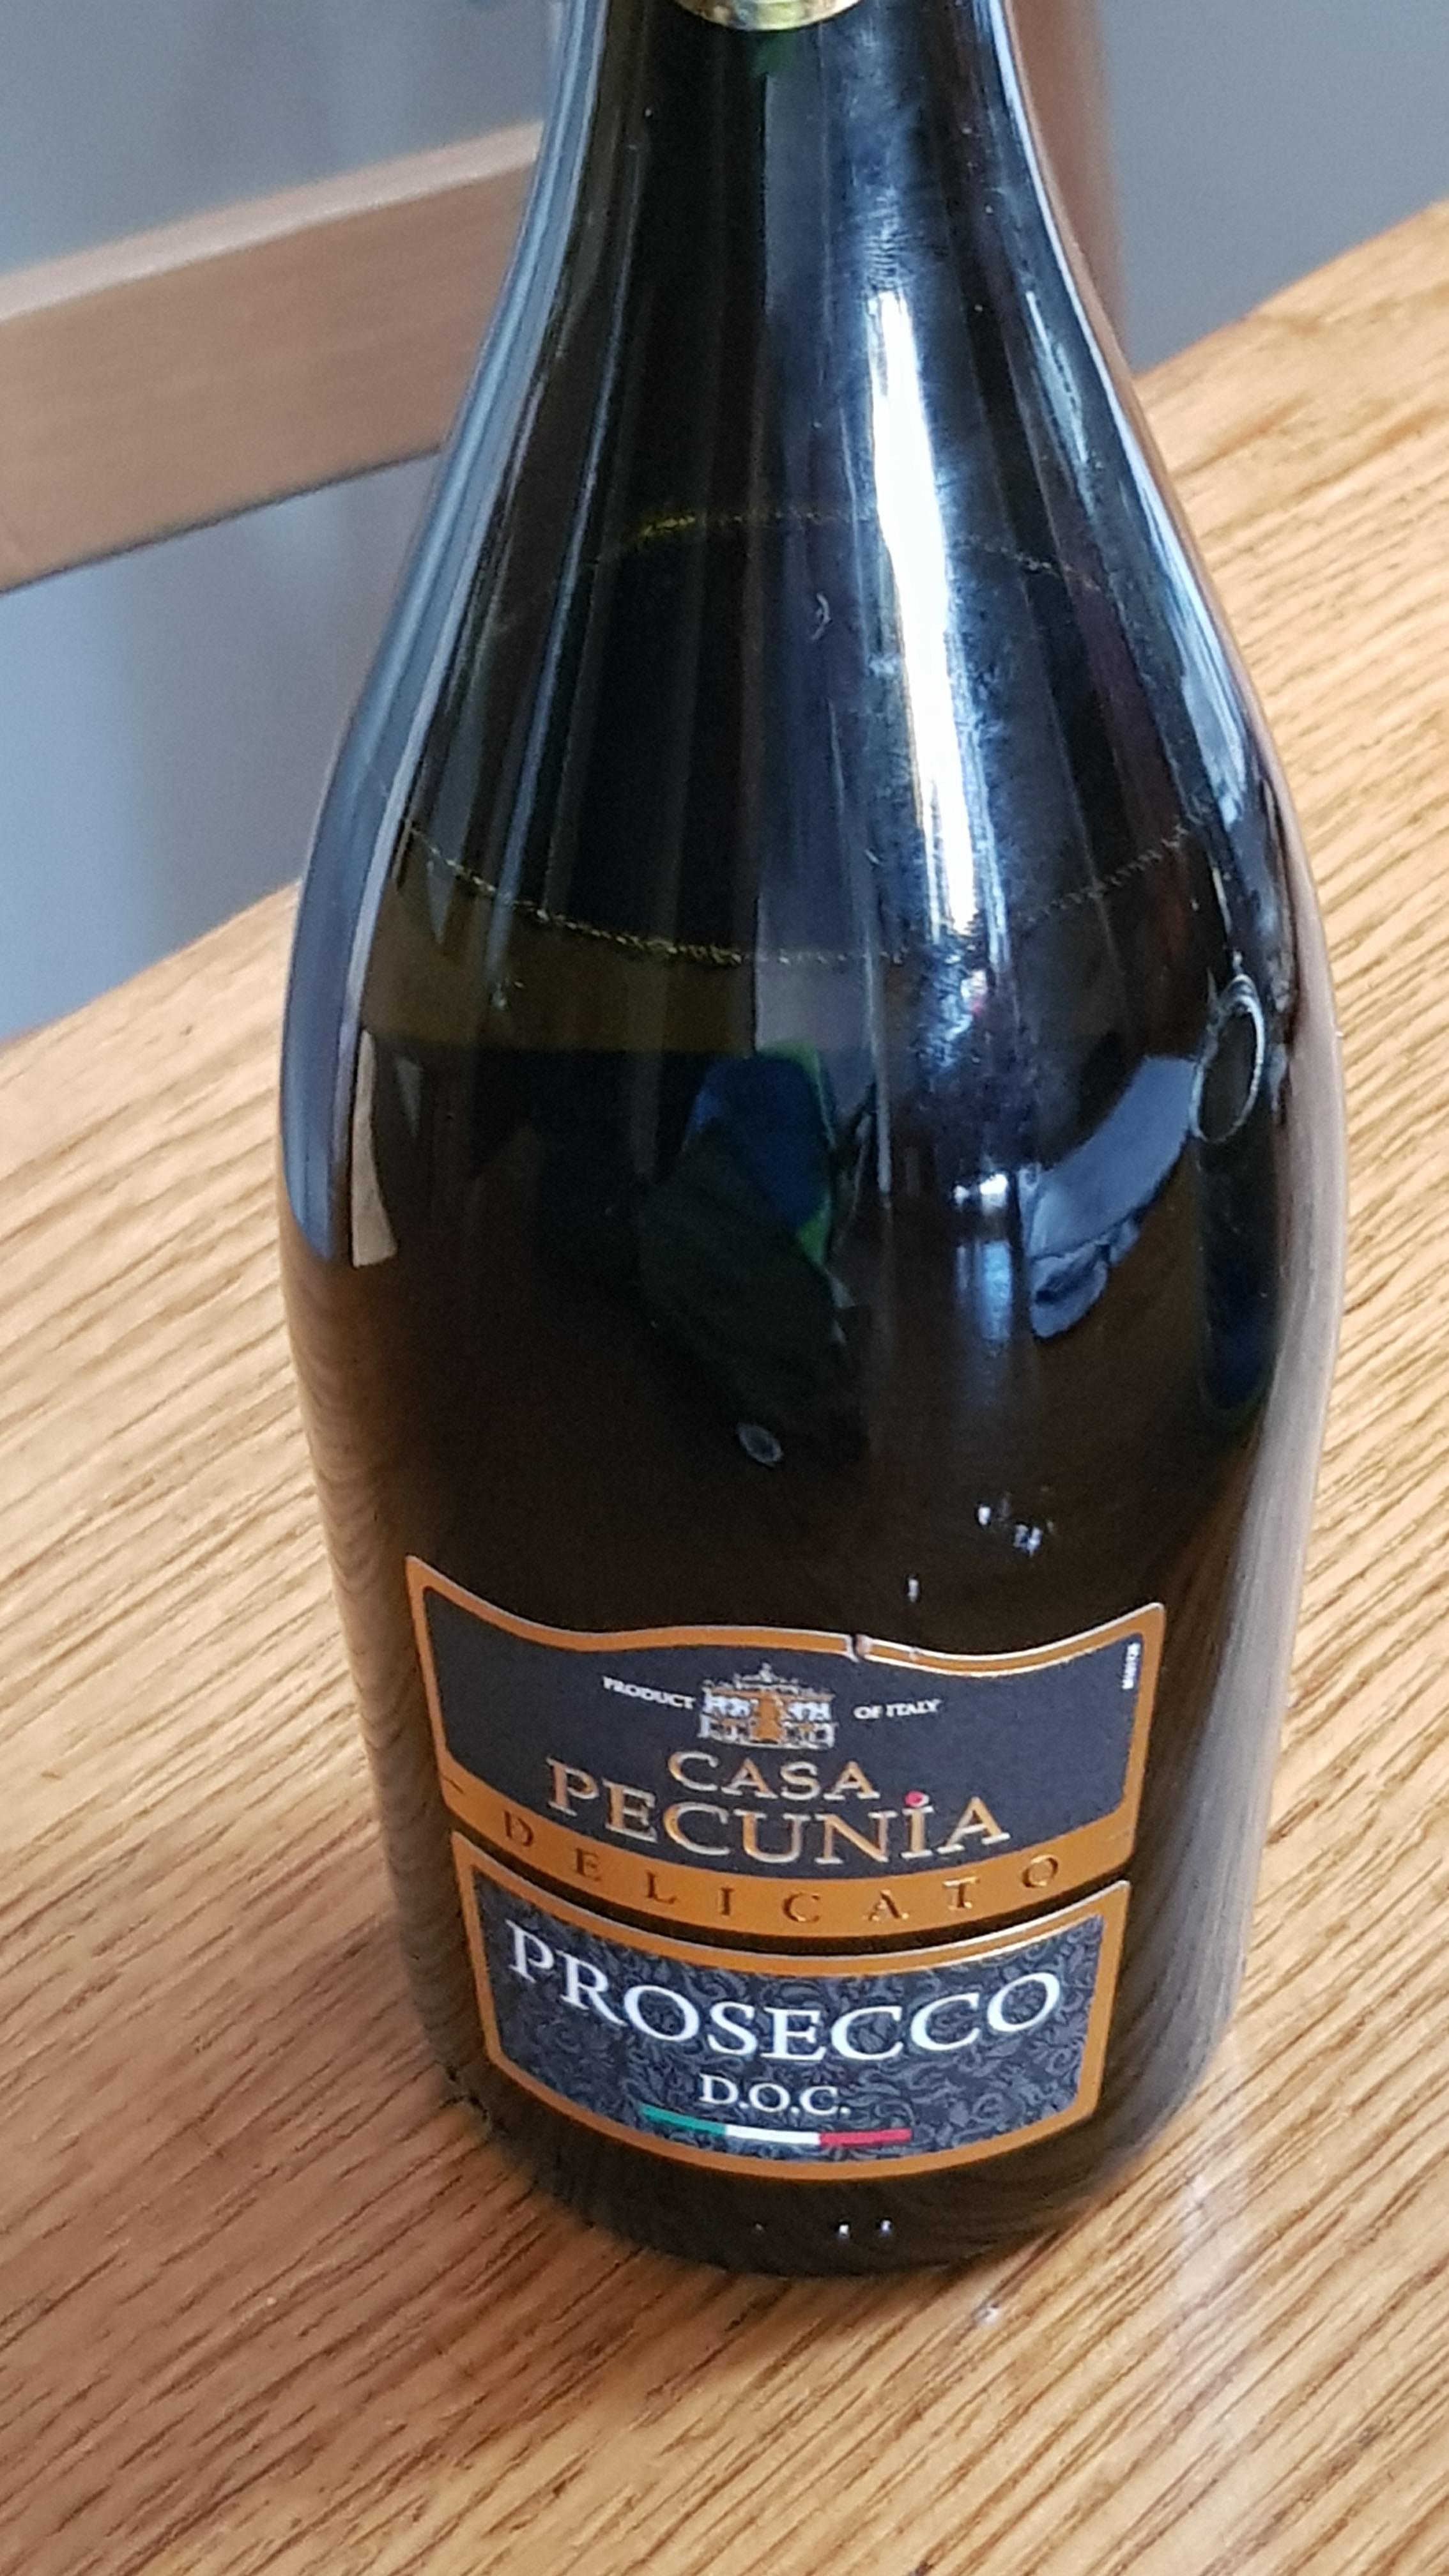 Wino musujące casa pescunia prosecco 0.75 carrefour bemowo